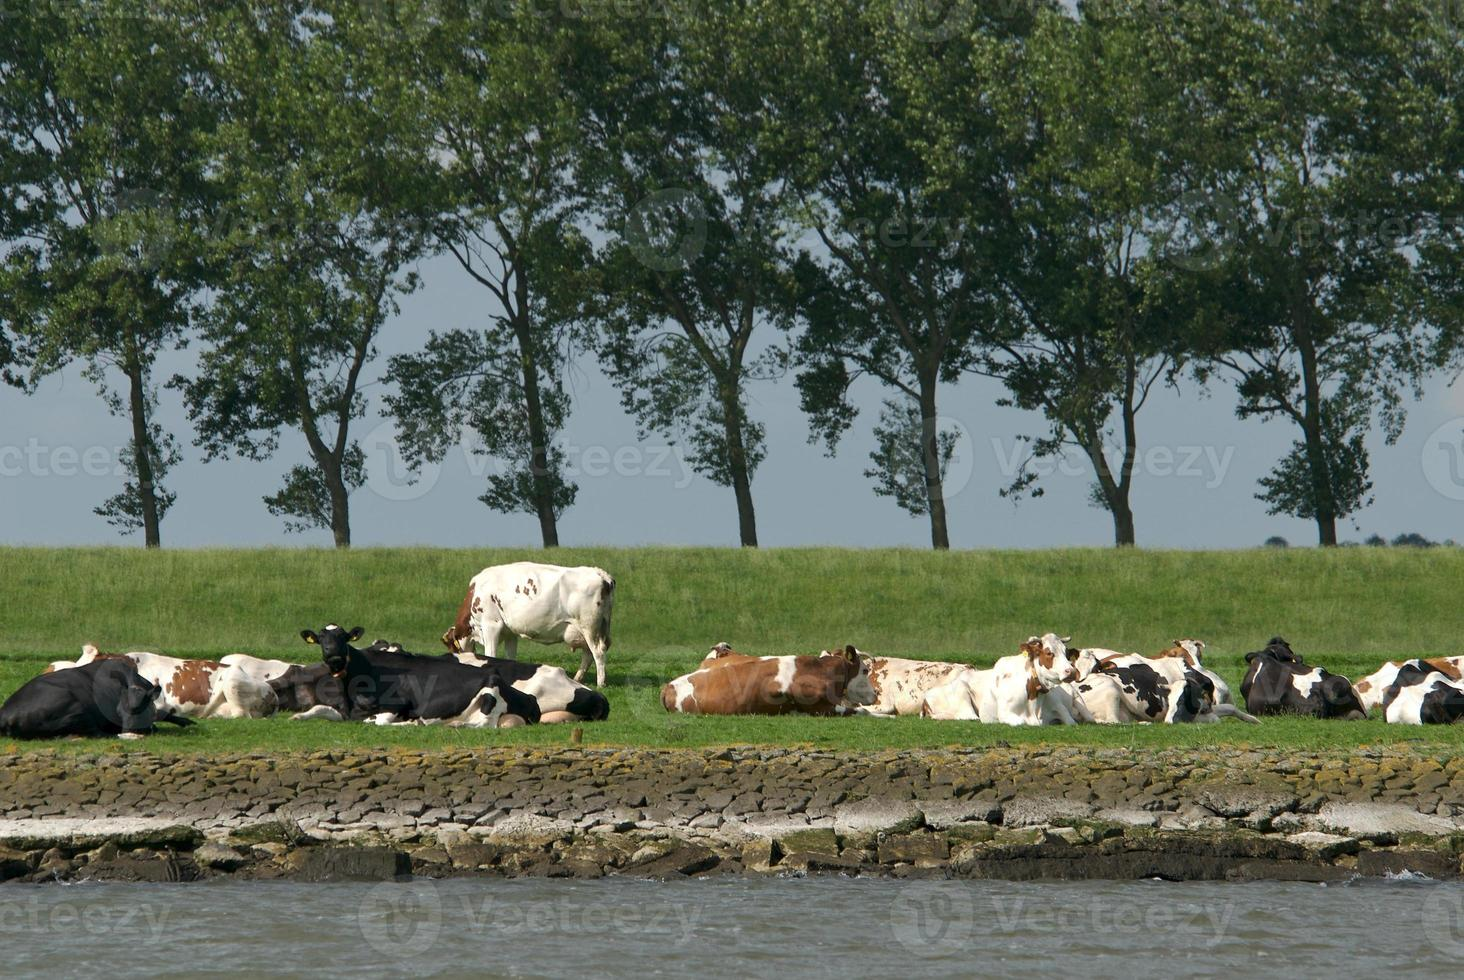 niederländische Kühe foto